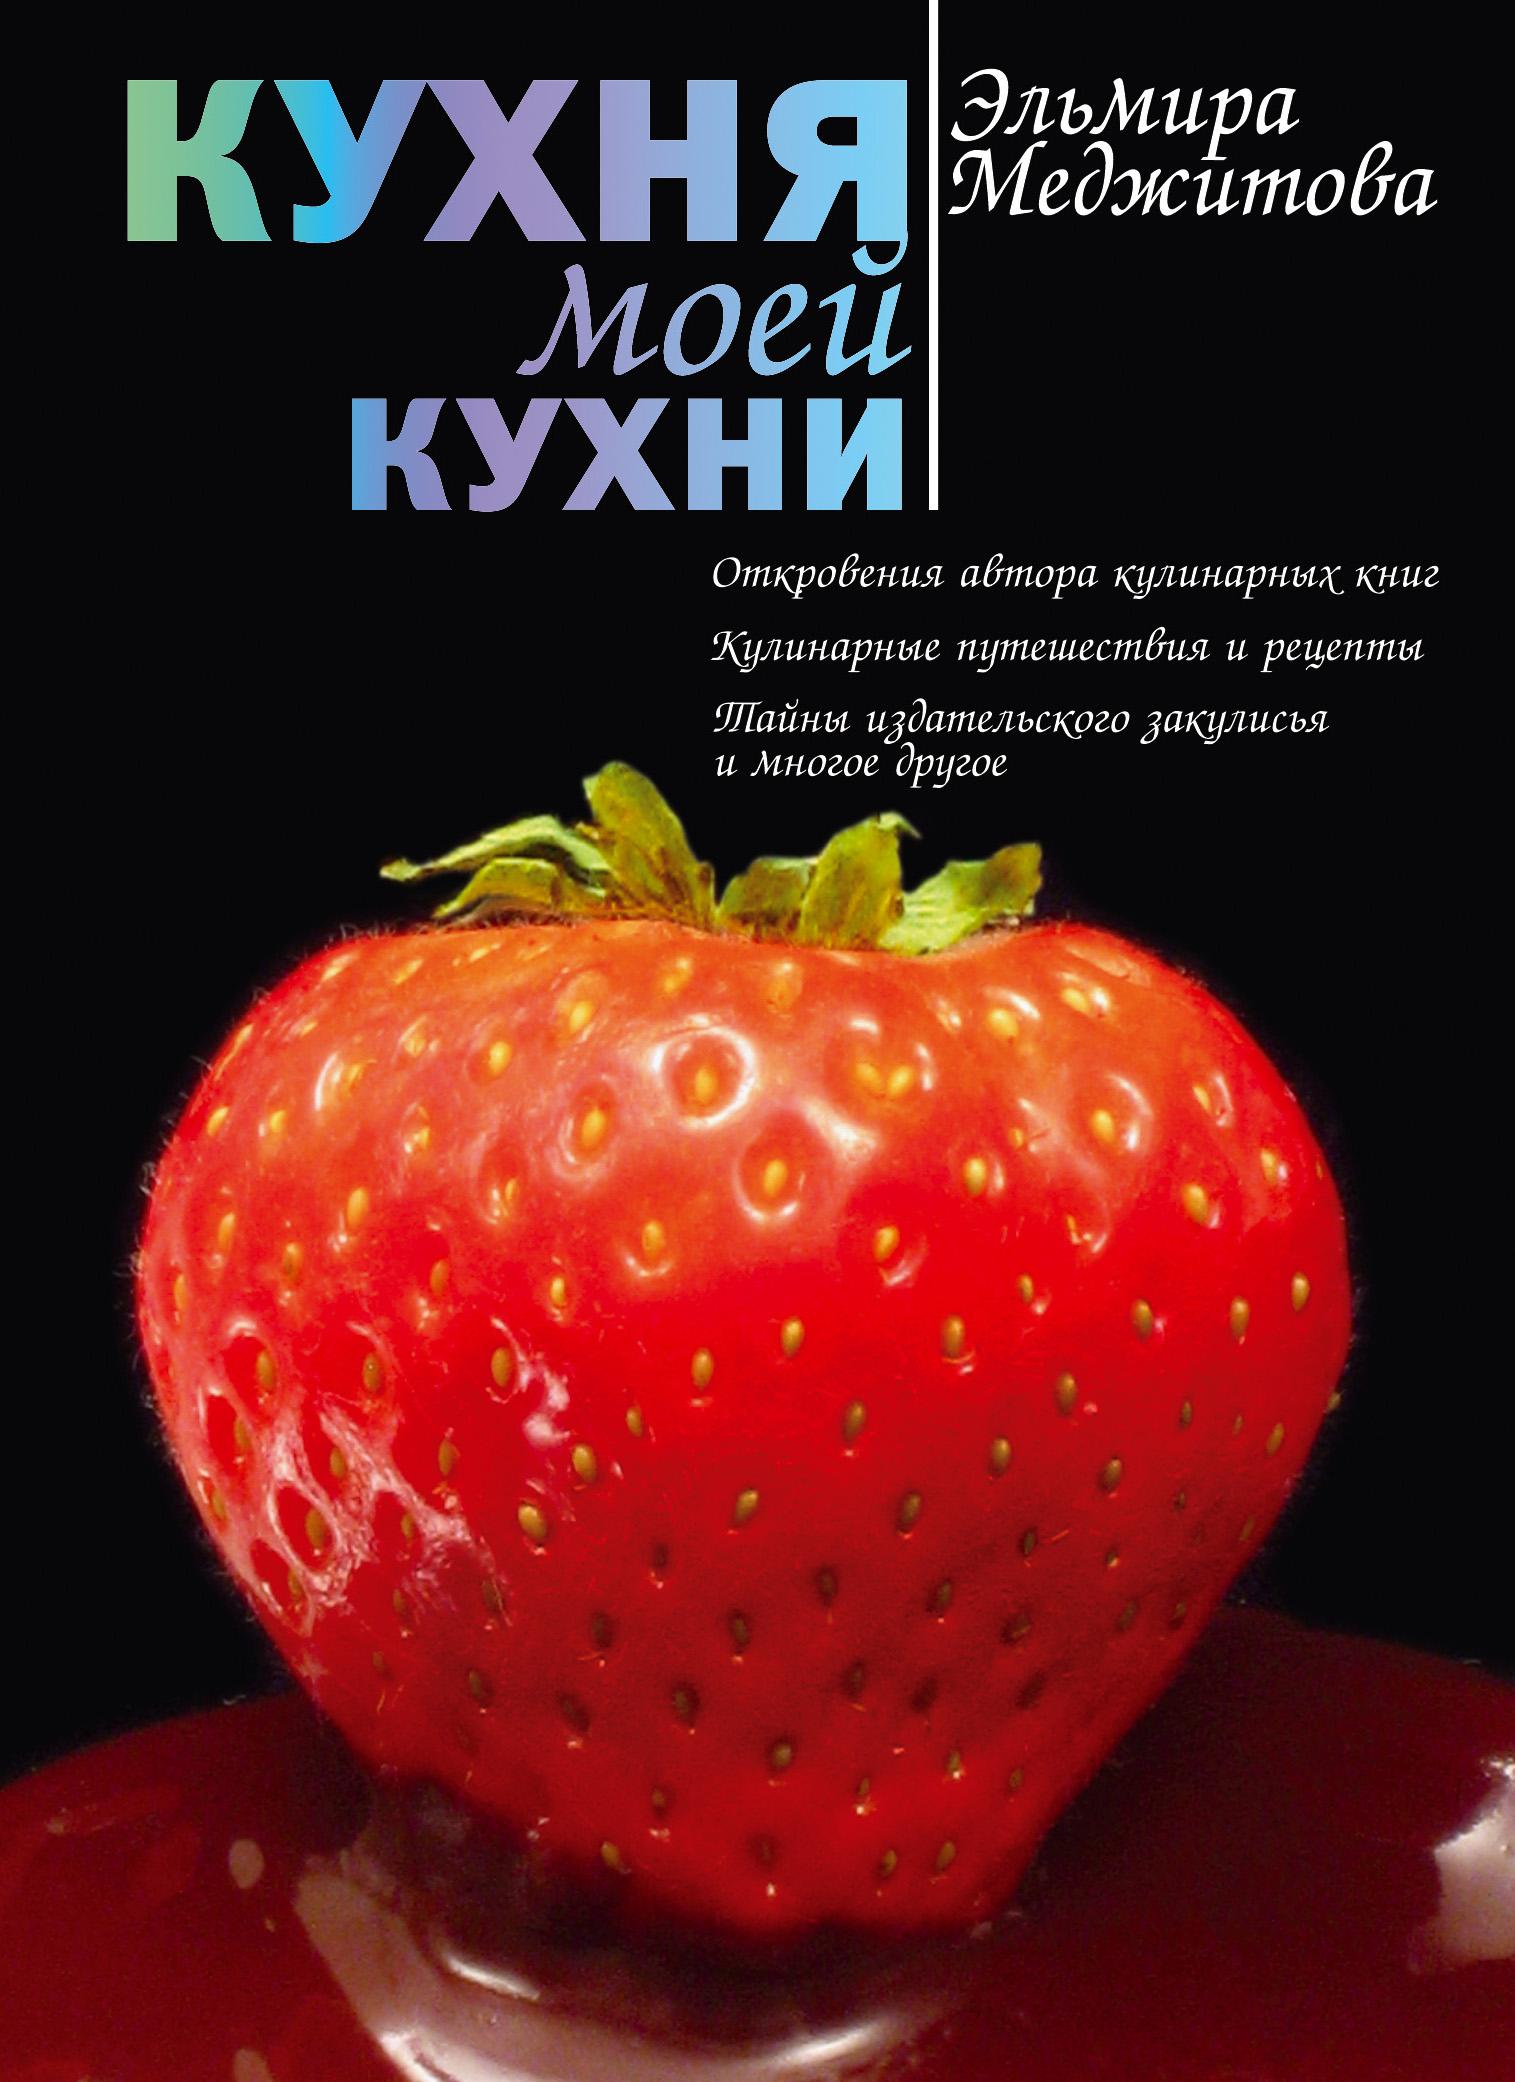 Кухня моей кухни (книга Кухня моей кухни в суперобложке)